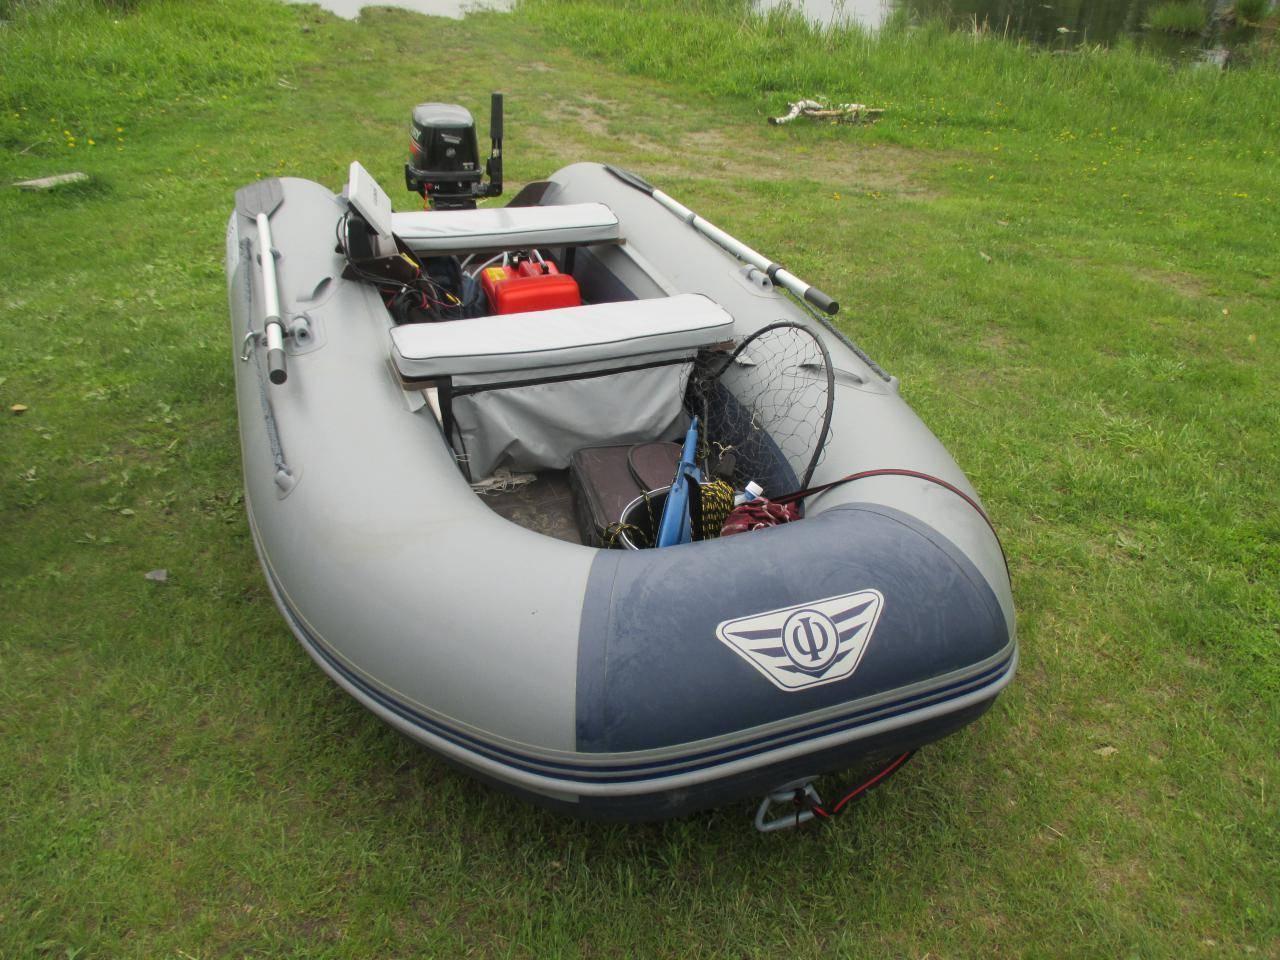 Надувная лодка флагман пвх - обзор лучших моделей, цена и отзывы